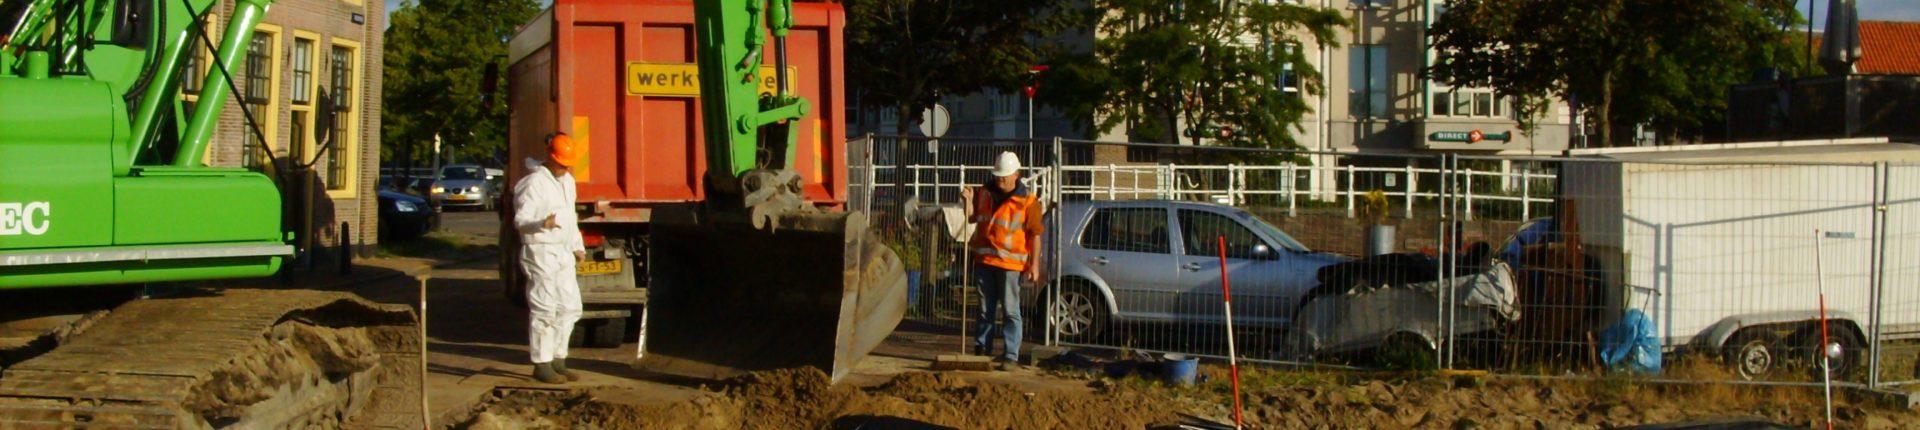 Werken in en met vervuilde grond